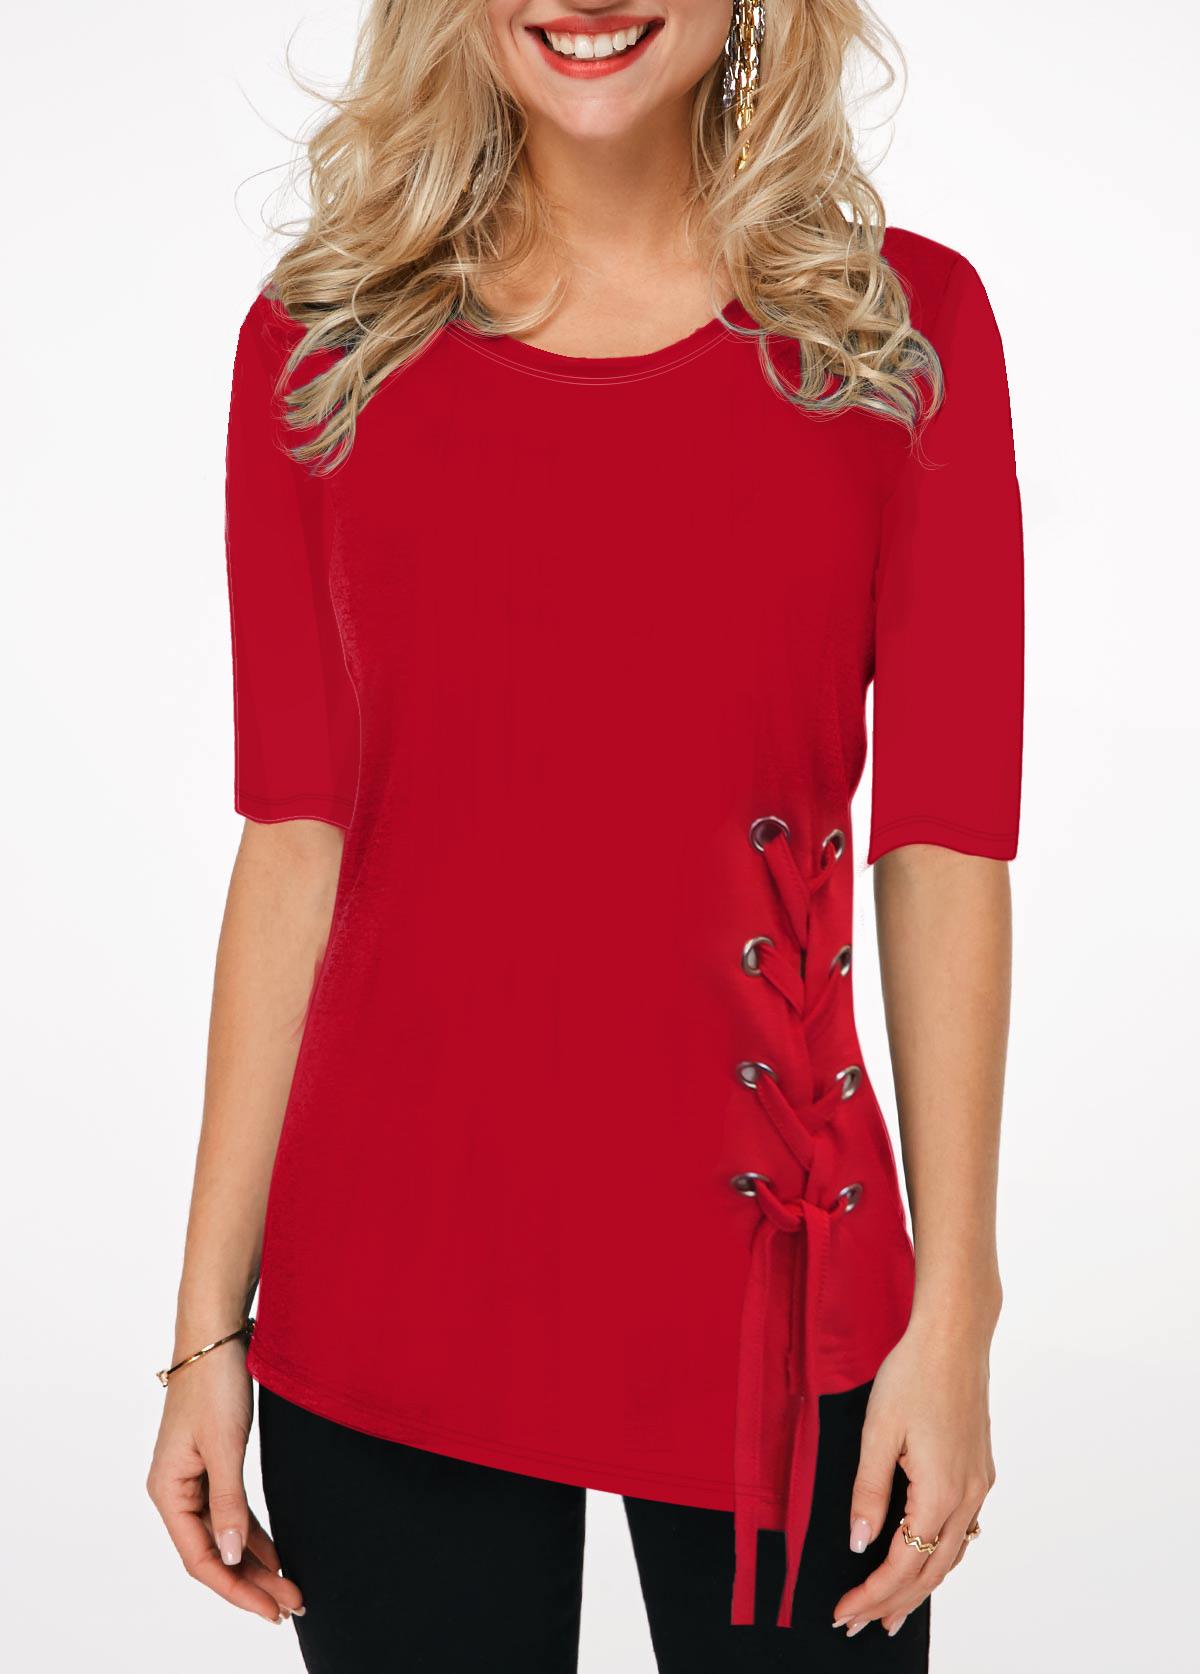 Red Half Sleeve Round Neck T Shirt